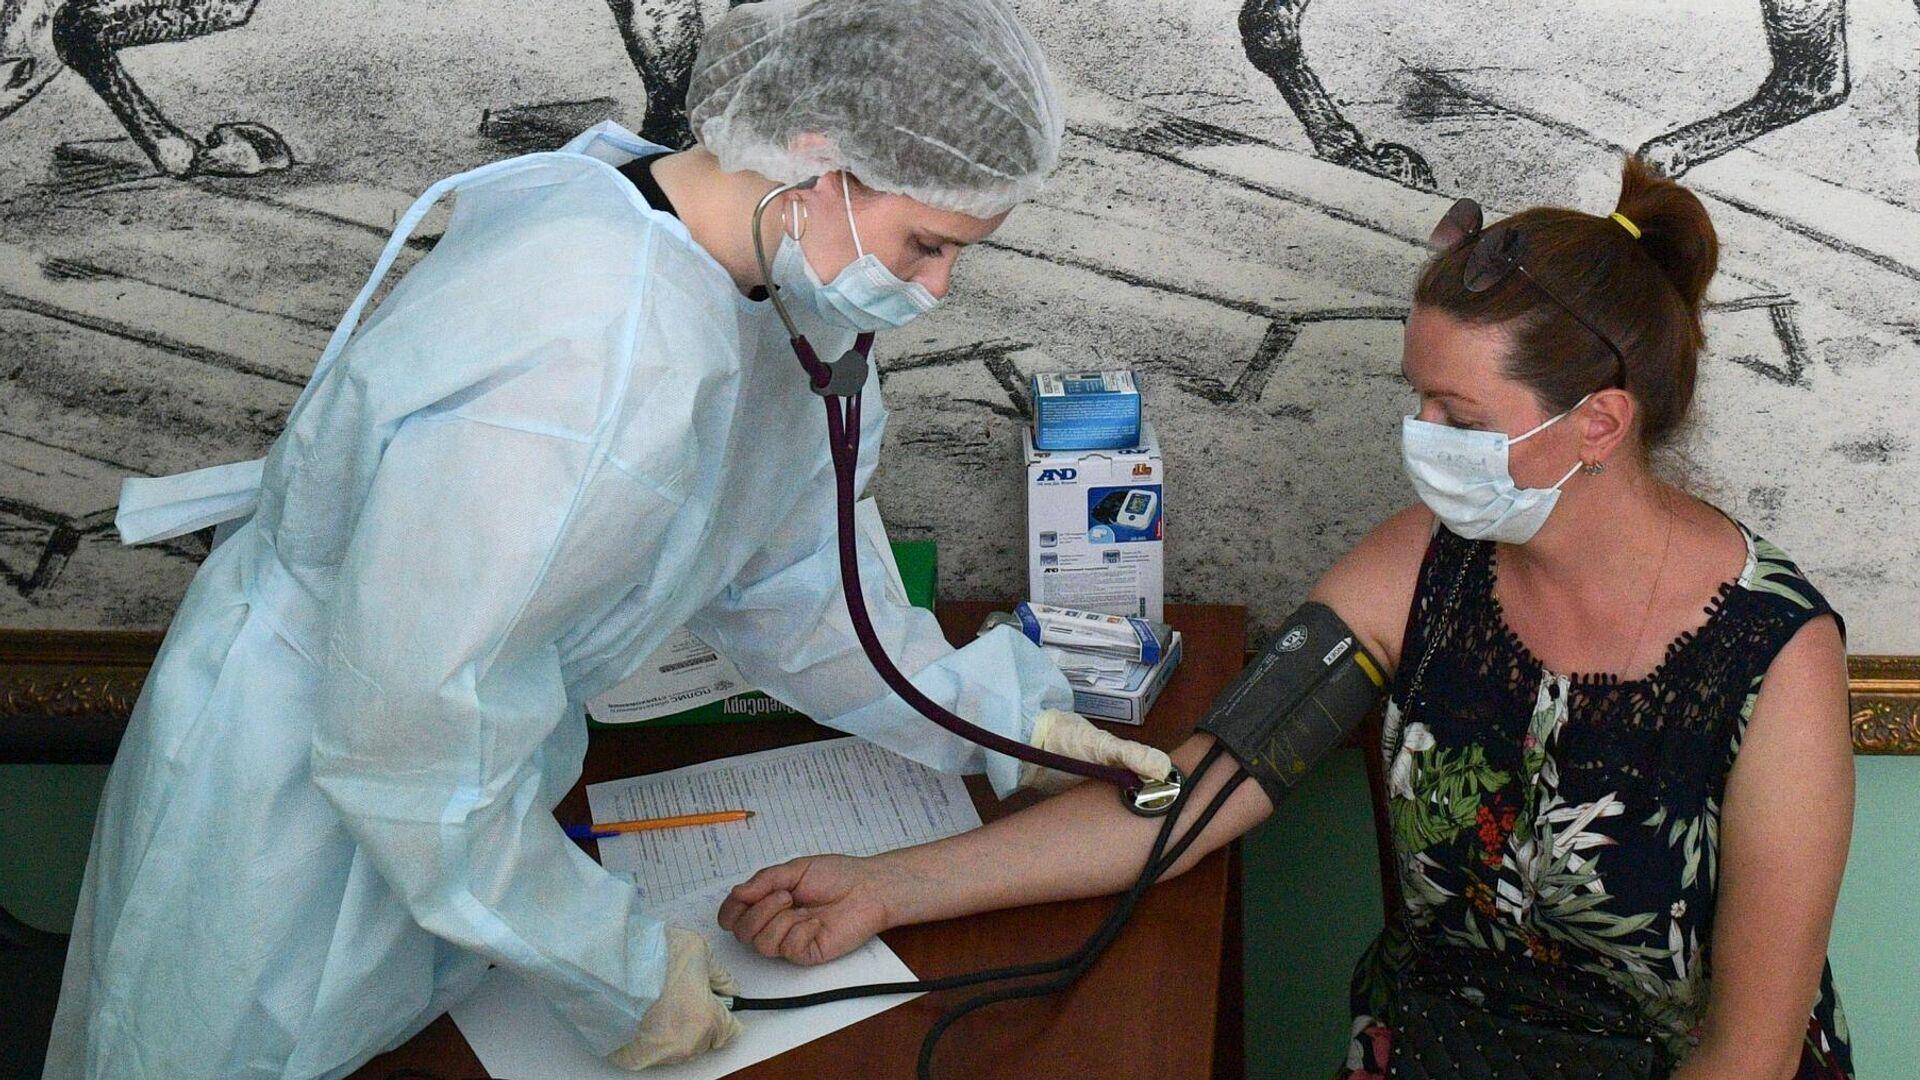 Медицинский сотрудник измеряет давление женщине перед вакцинацией от COVID-19 в Санкт-Петербурге - РИА Новости, 1920, 23.07.2021